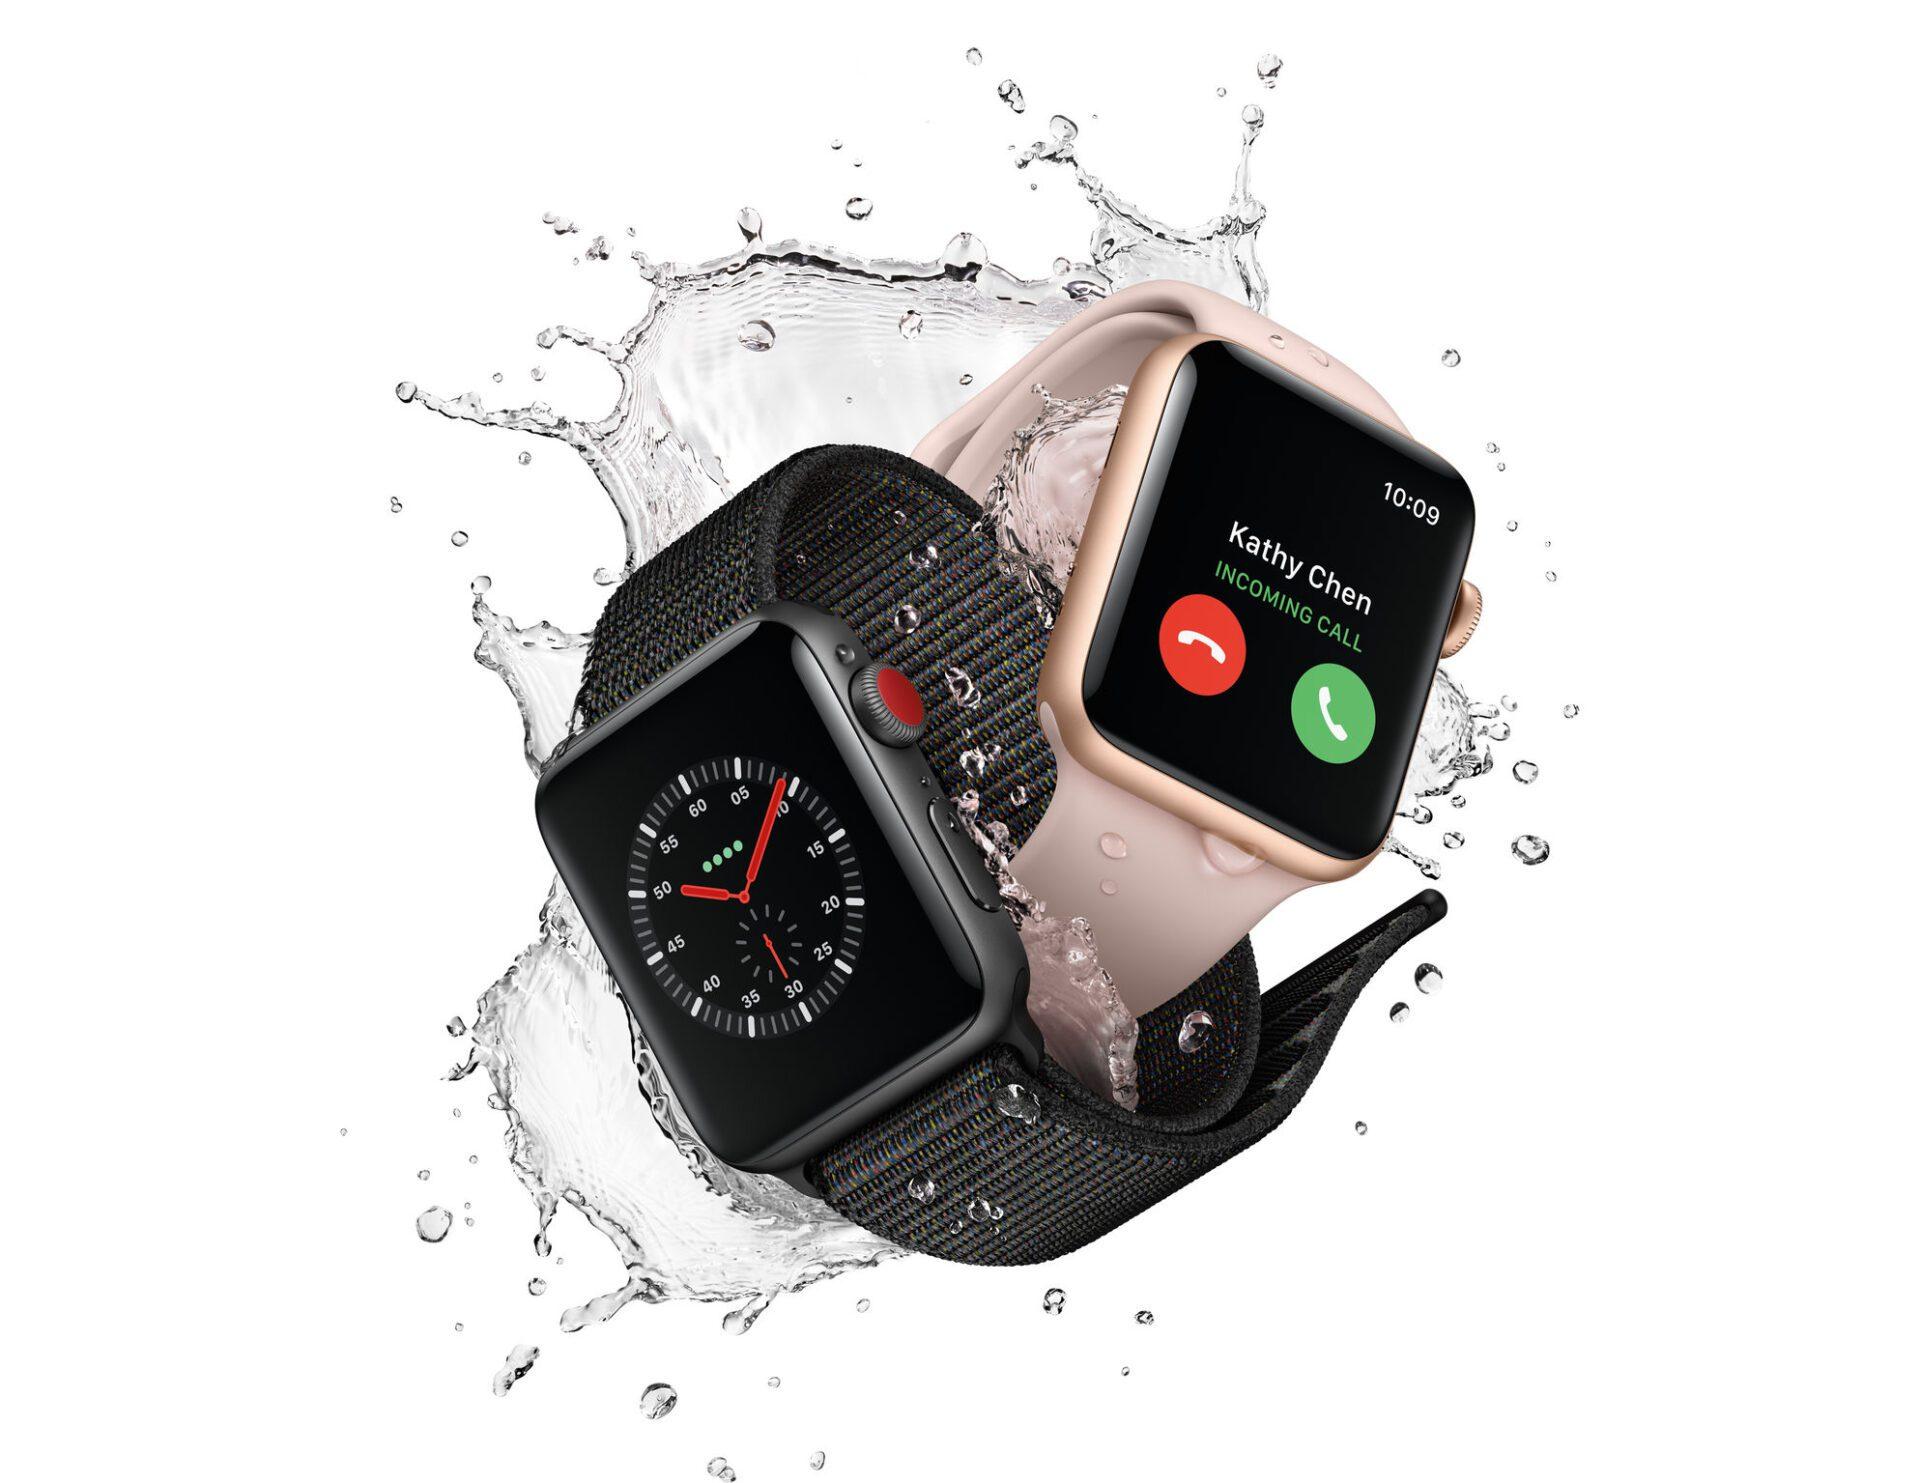 Apple Watch SE potrebbe debuttare nel 2021: sostituirà Apple Watch Series 3